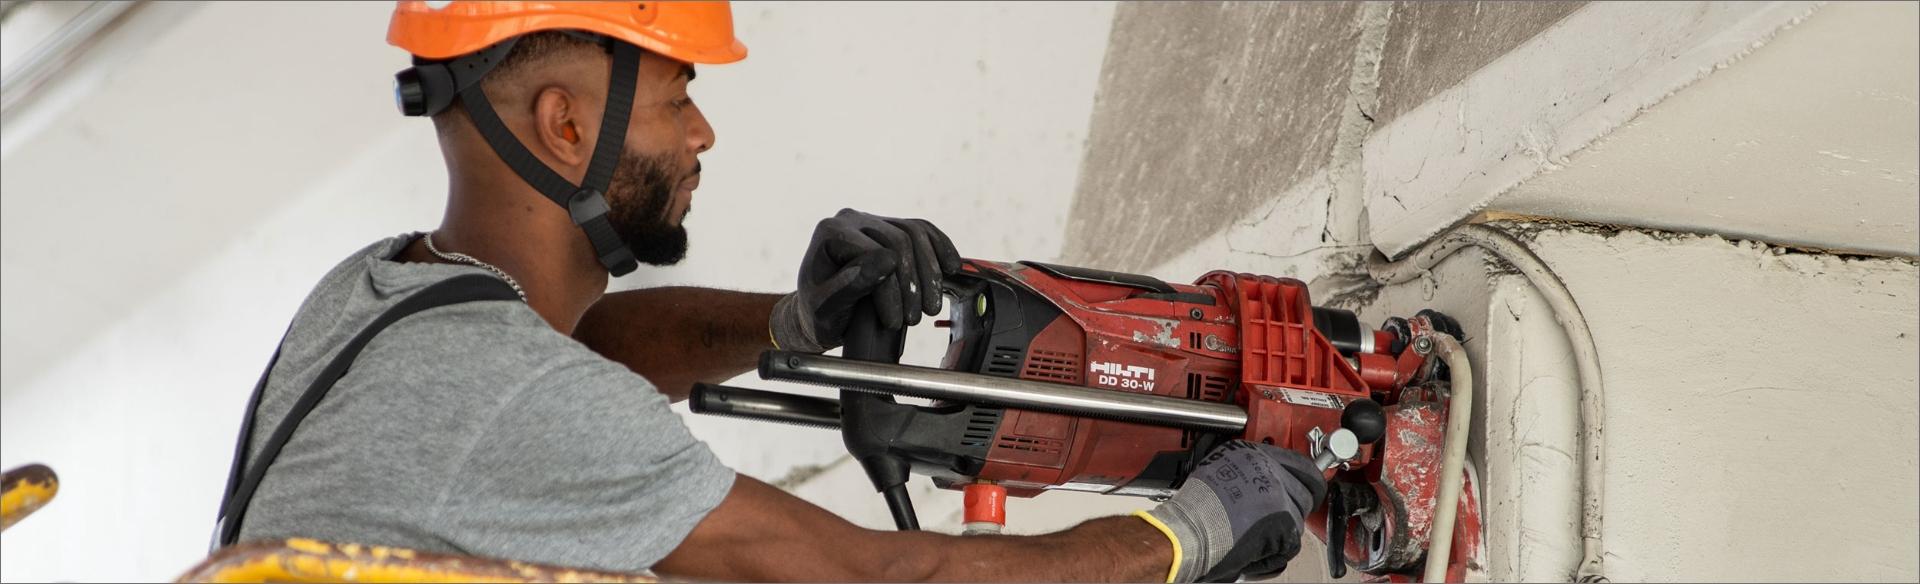 immagine operaio al lavoro per azienda seriana edilizia durante il fissaggio di una piasta strutturale